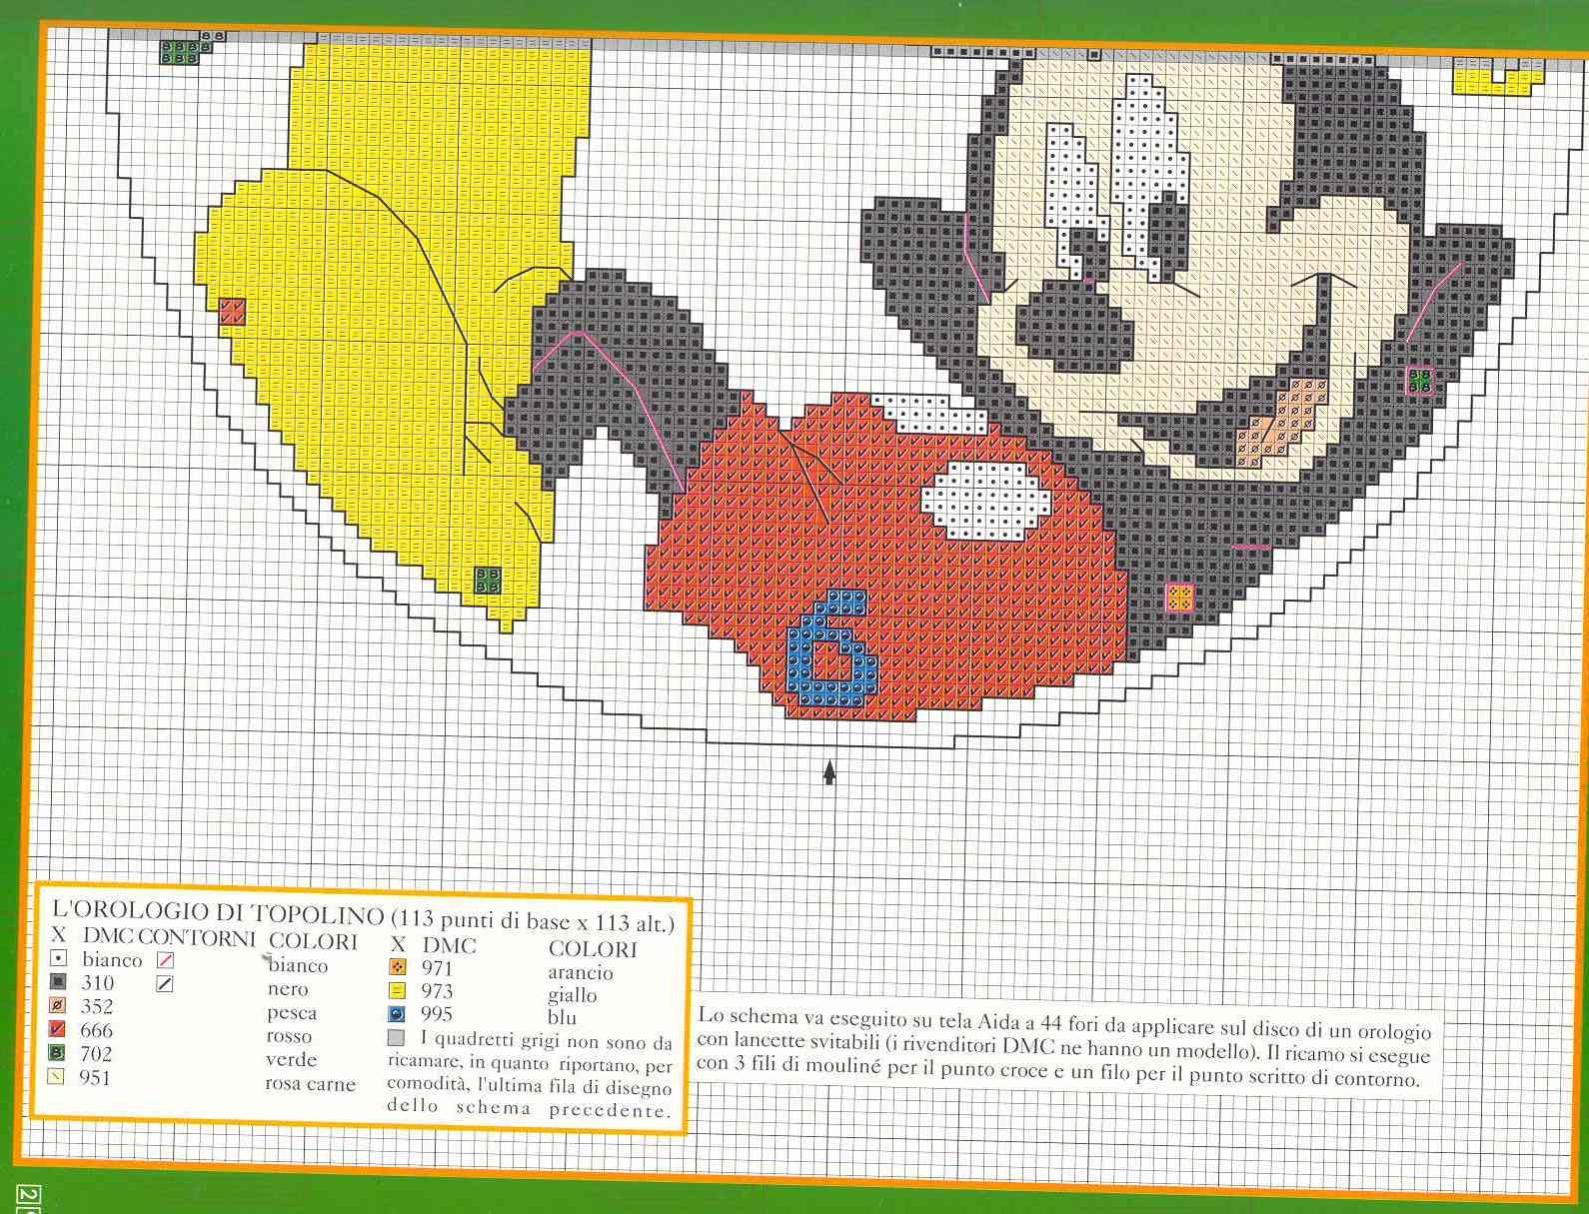 Orologio schema punto croce con topolino 3 magiedifilo for Orologio punto croce schemi gratis